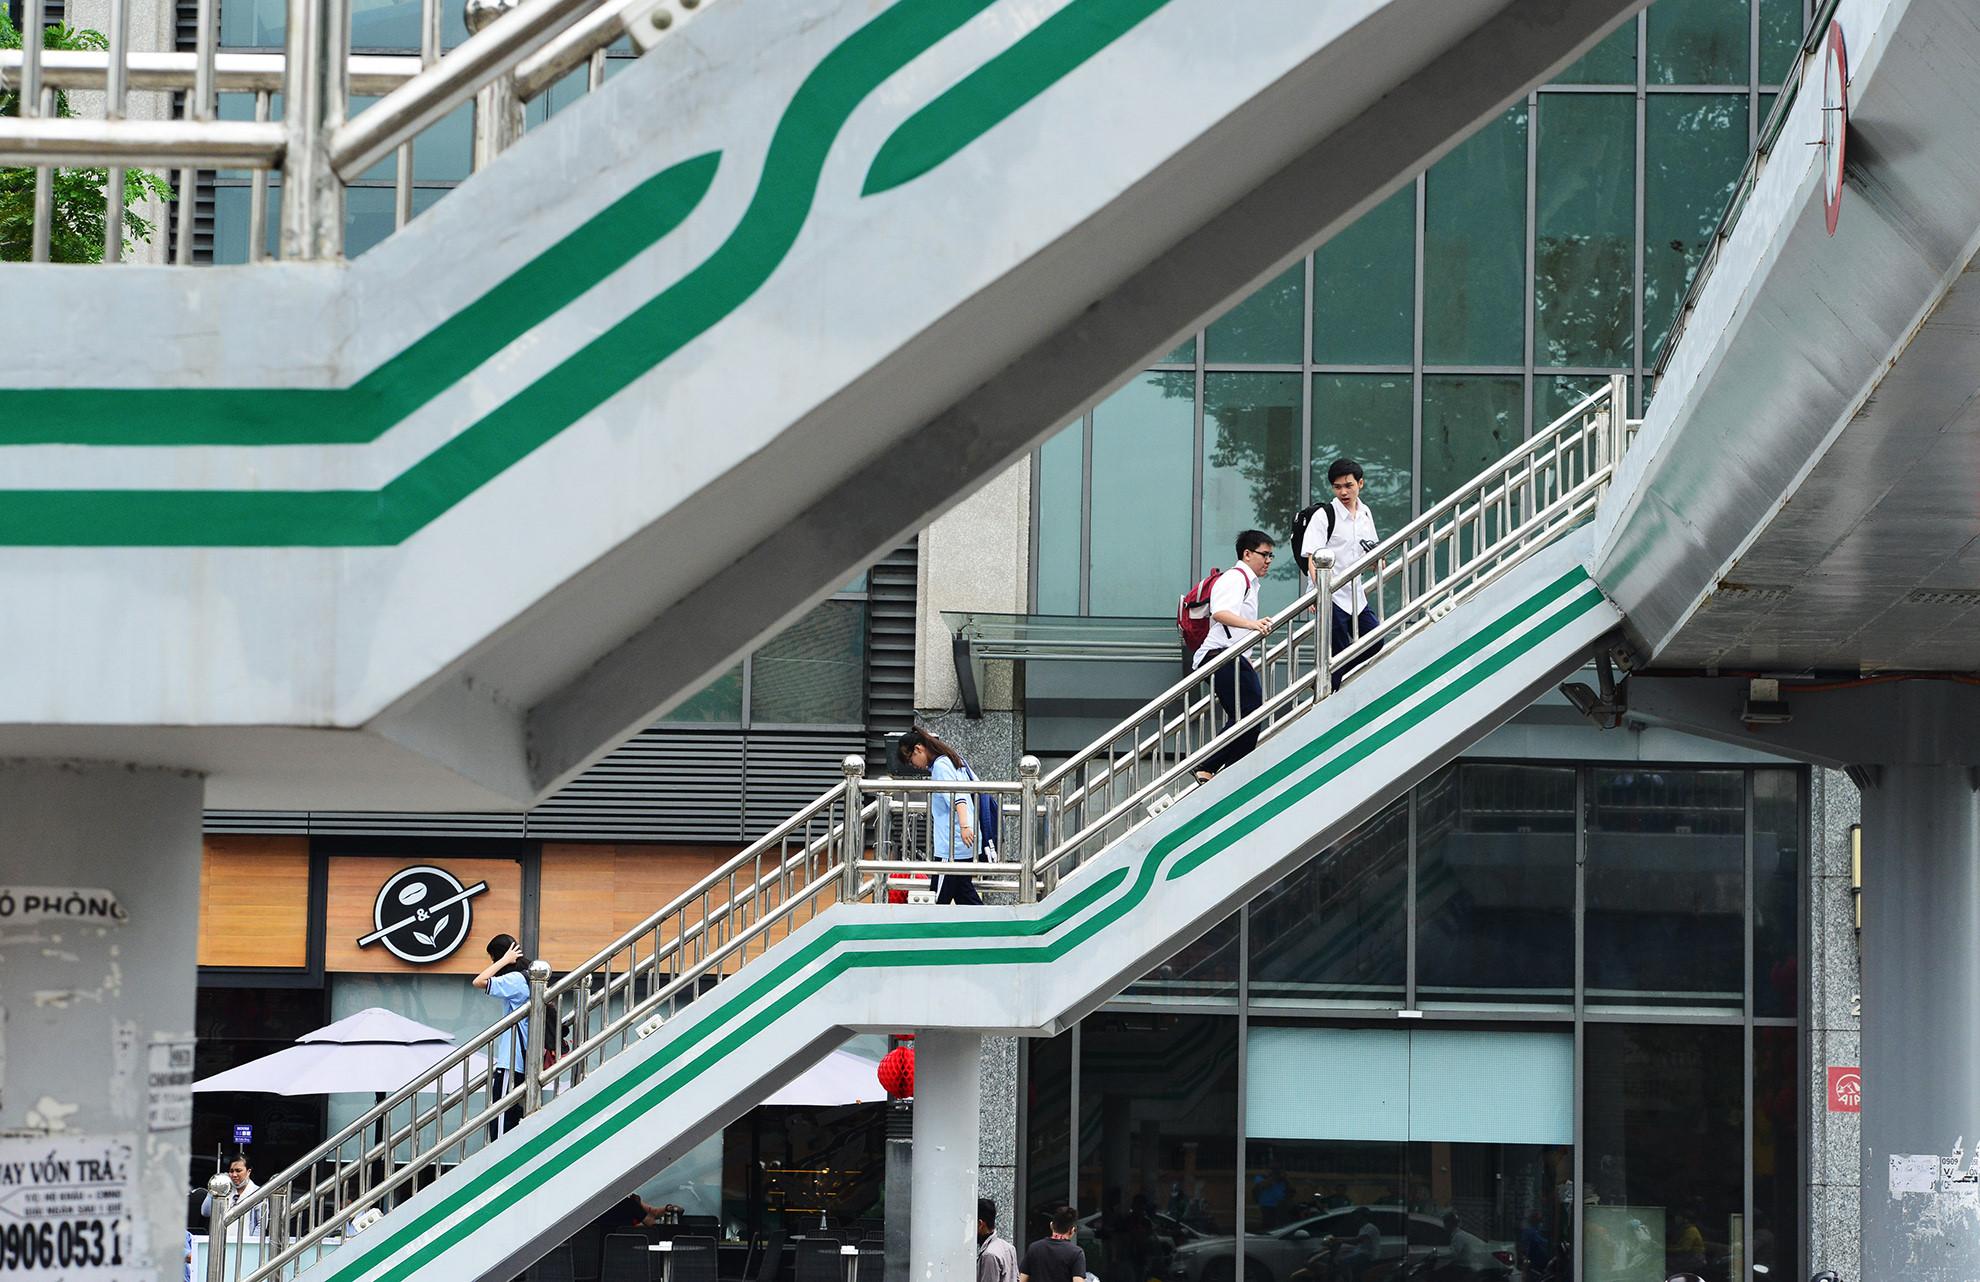 Cầu bộ hành Sài Gòn được phủ xanh, thu hút nhiều bạn trẻ Ảnh 6